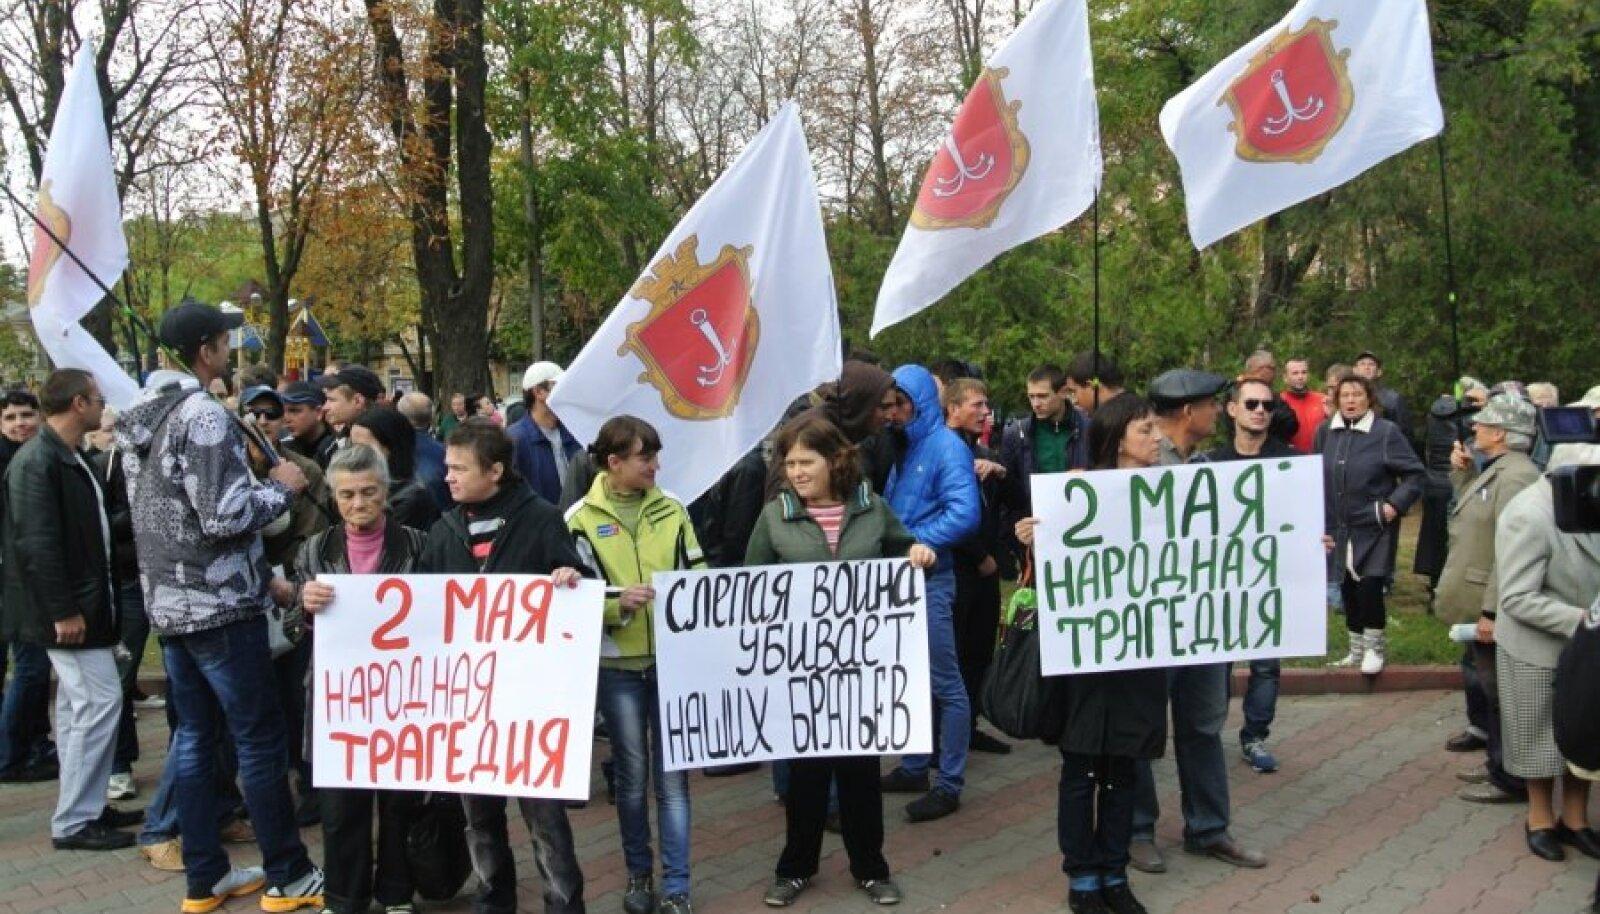 Venemeelsete meeleavaldus Odessas